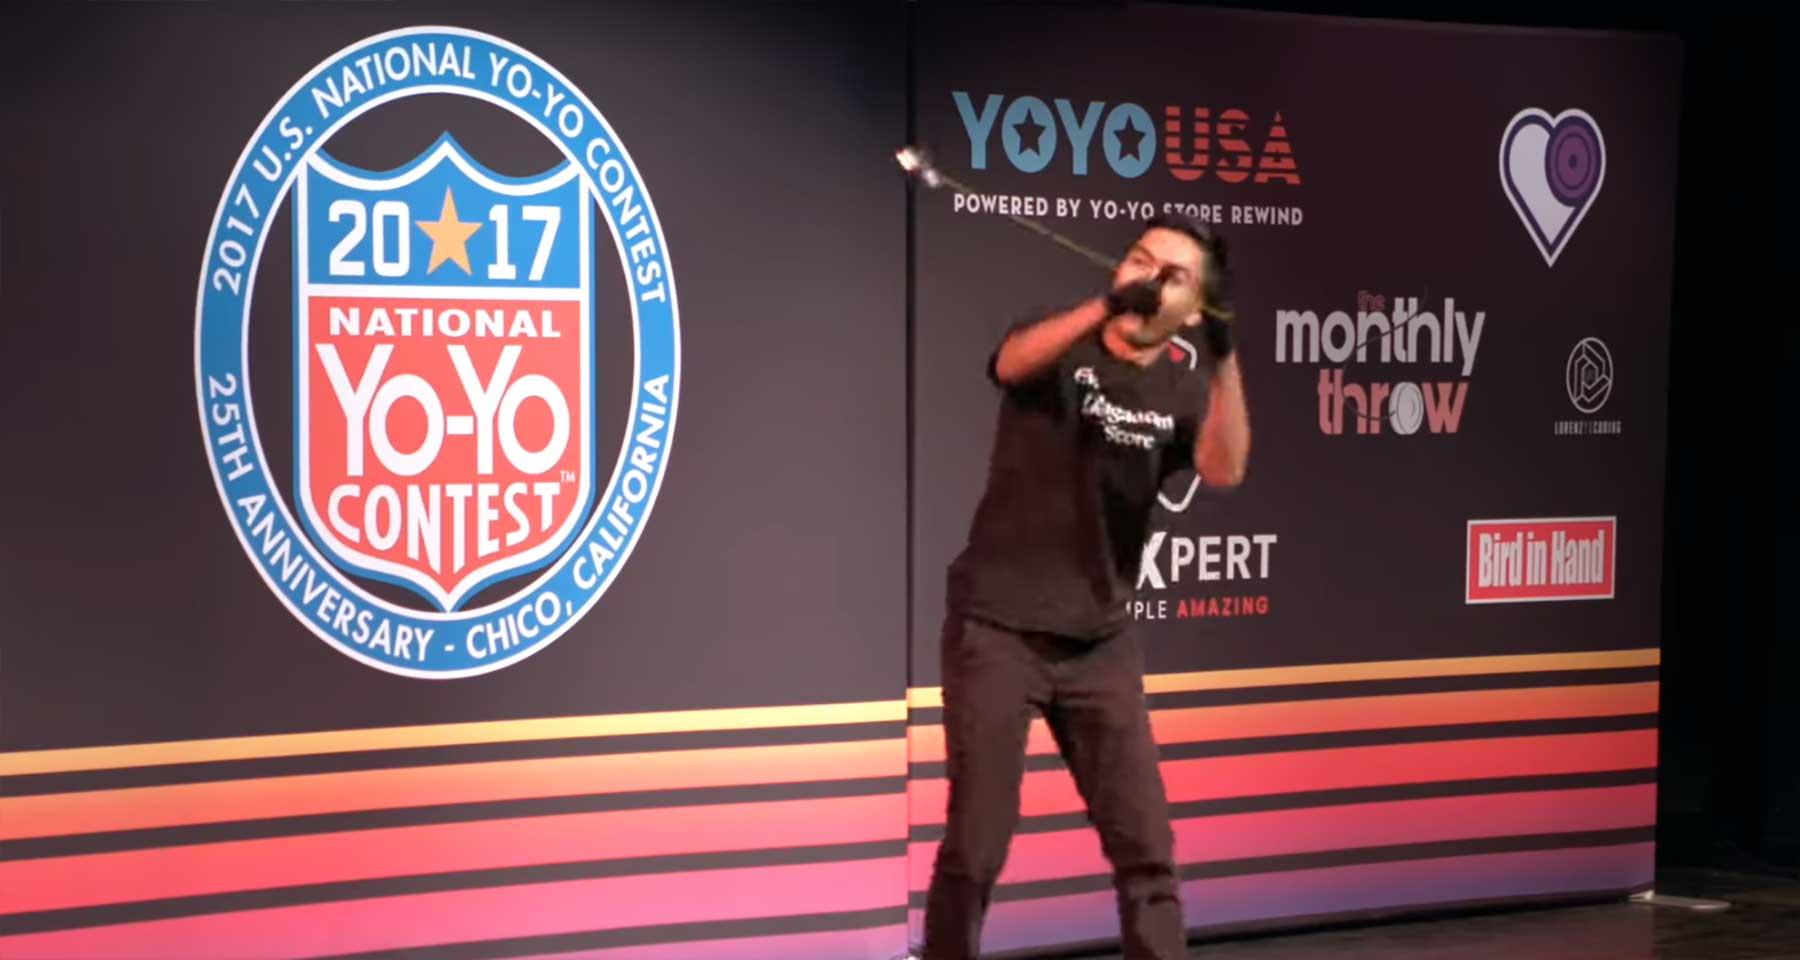 Evan Nagao ist Jo-Jo-Meister 2017 in den USA us-jo-jo-meister-2017